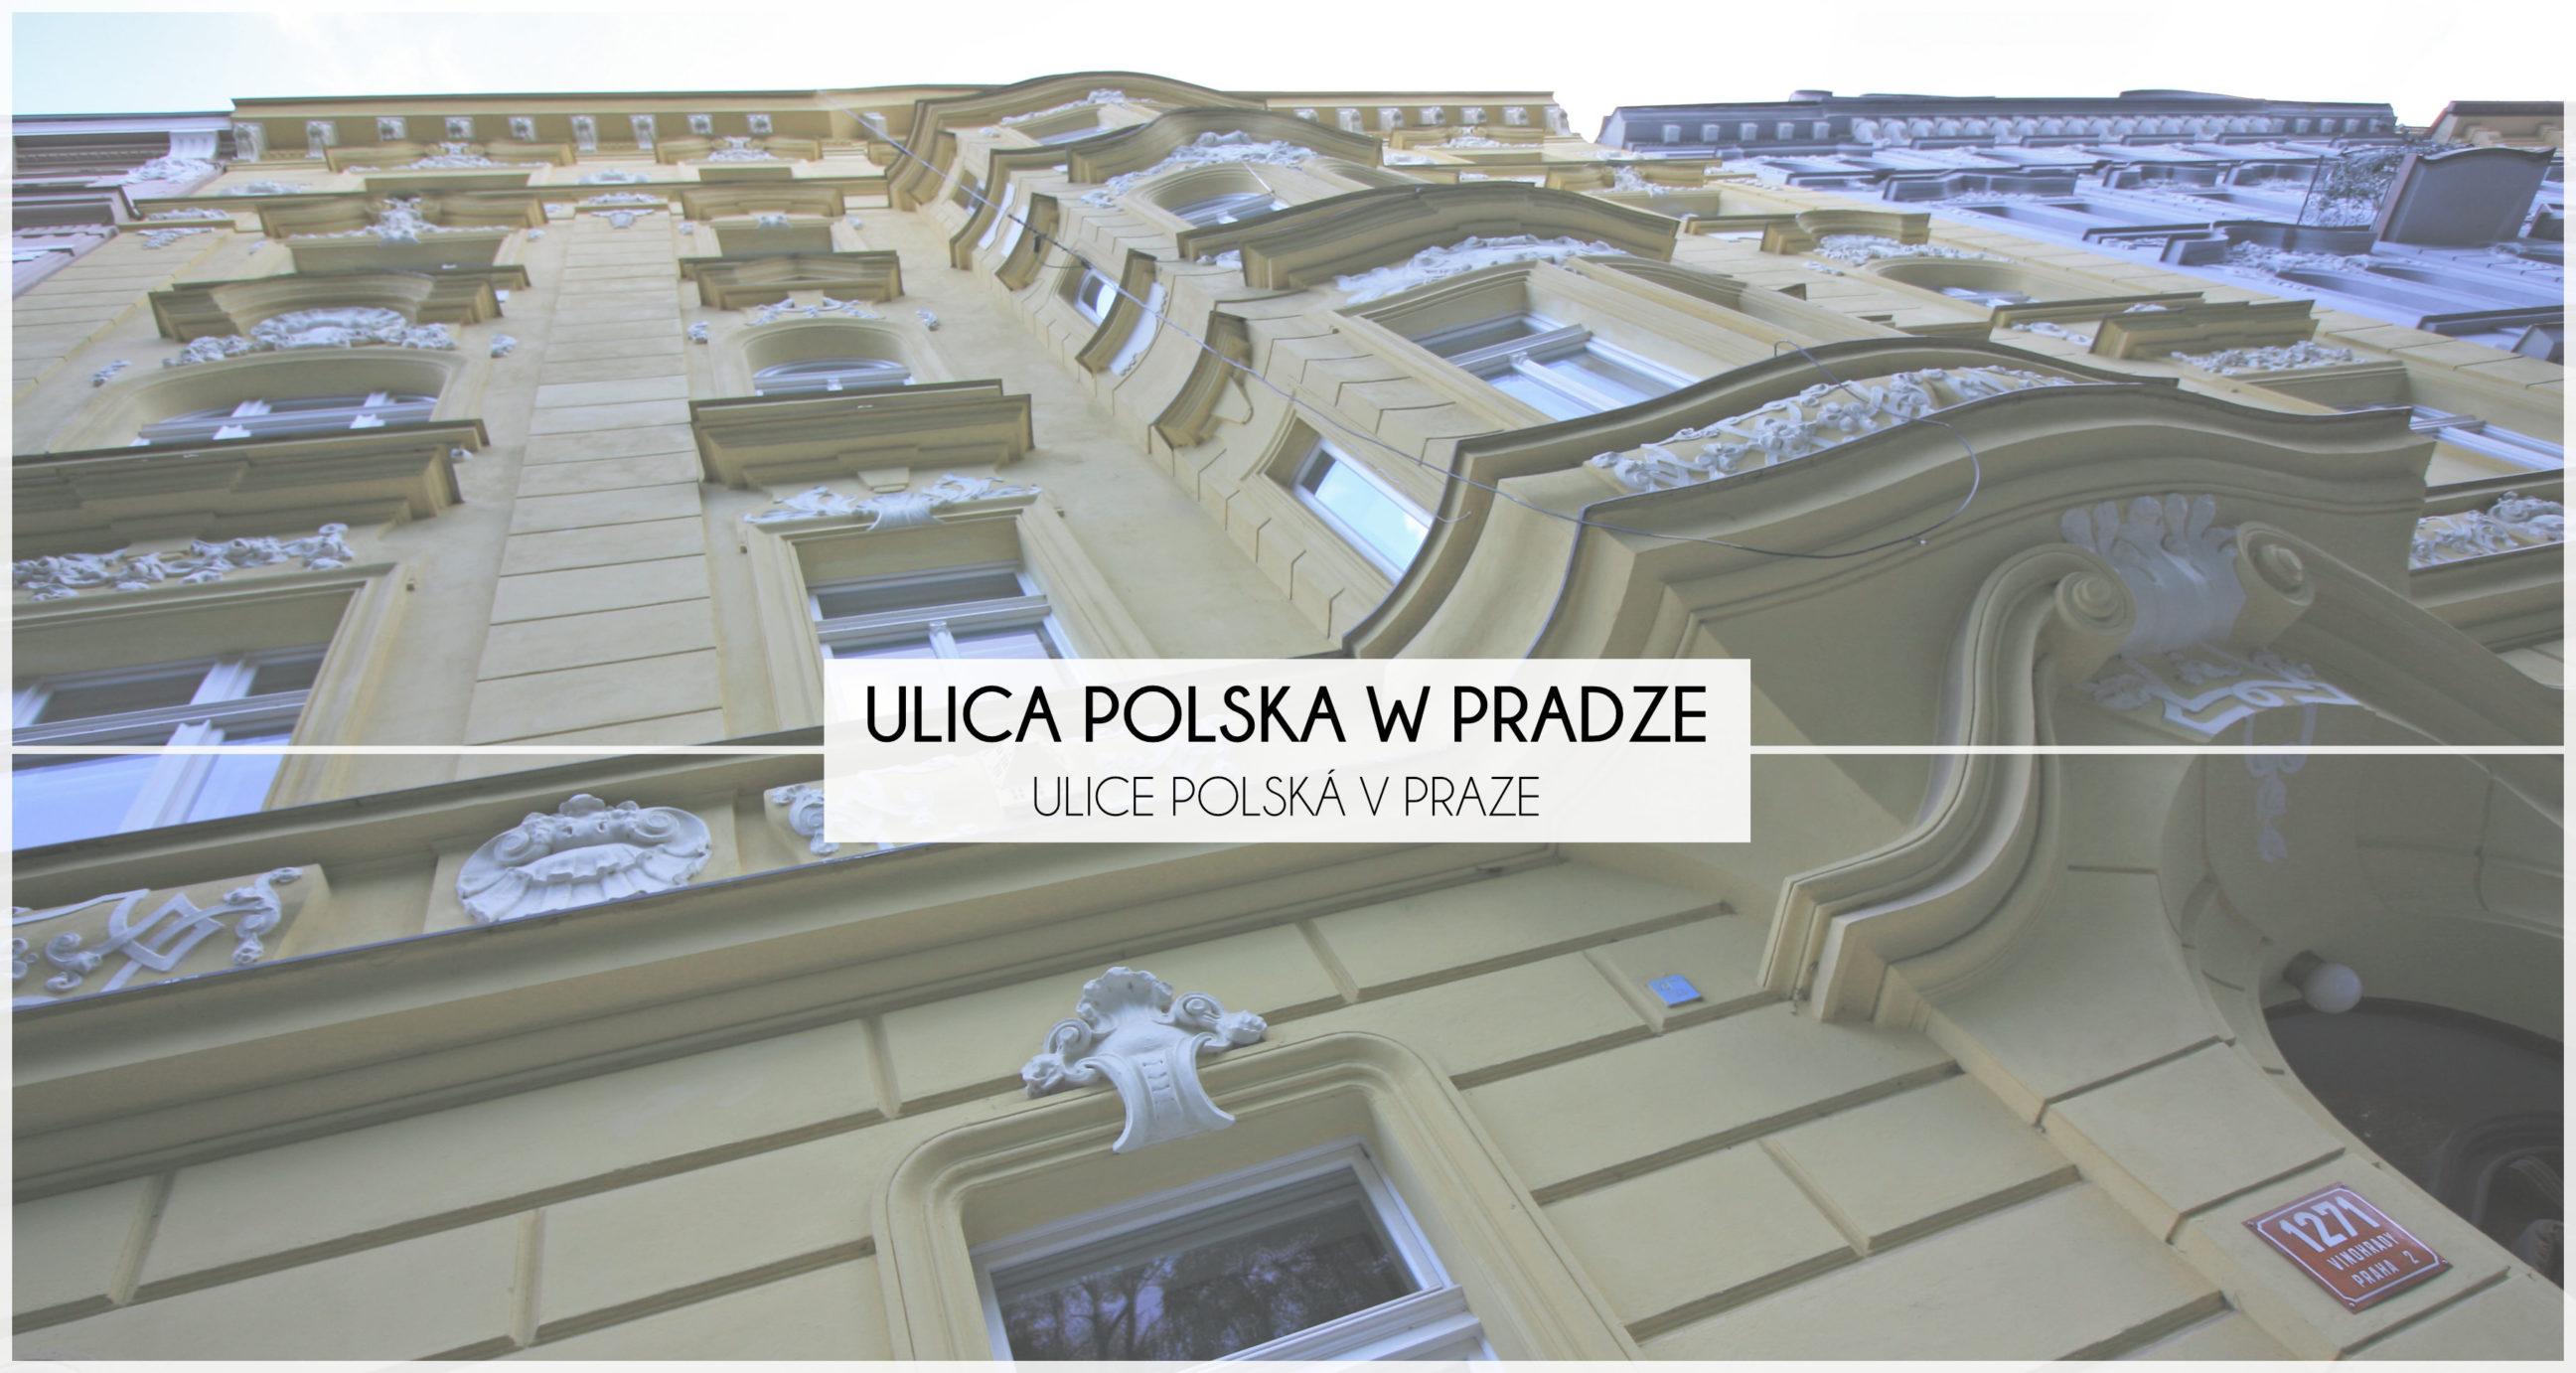 ulica polska w pradze